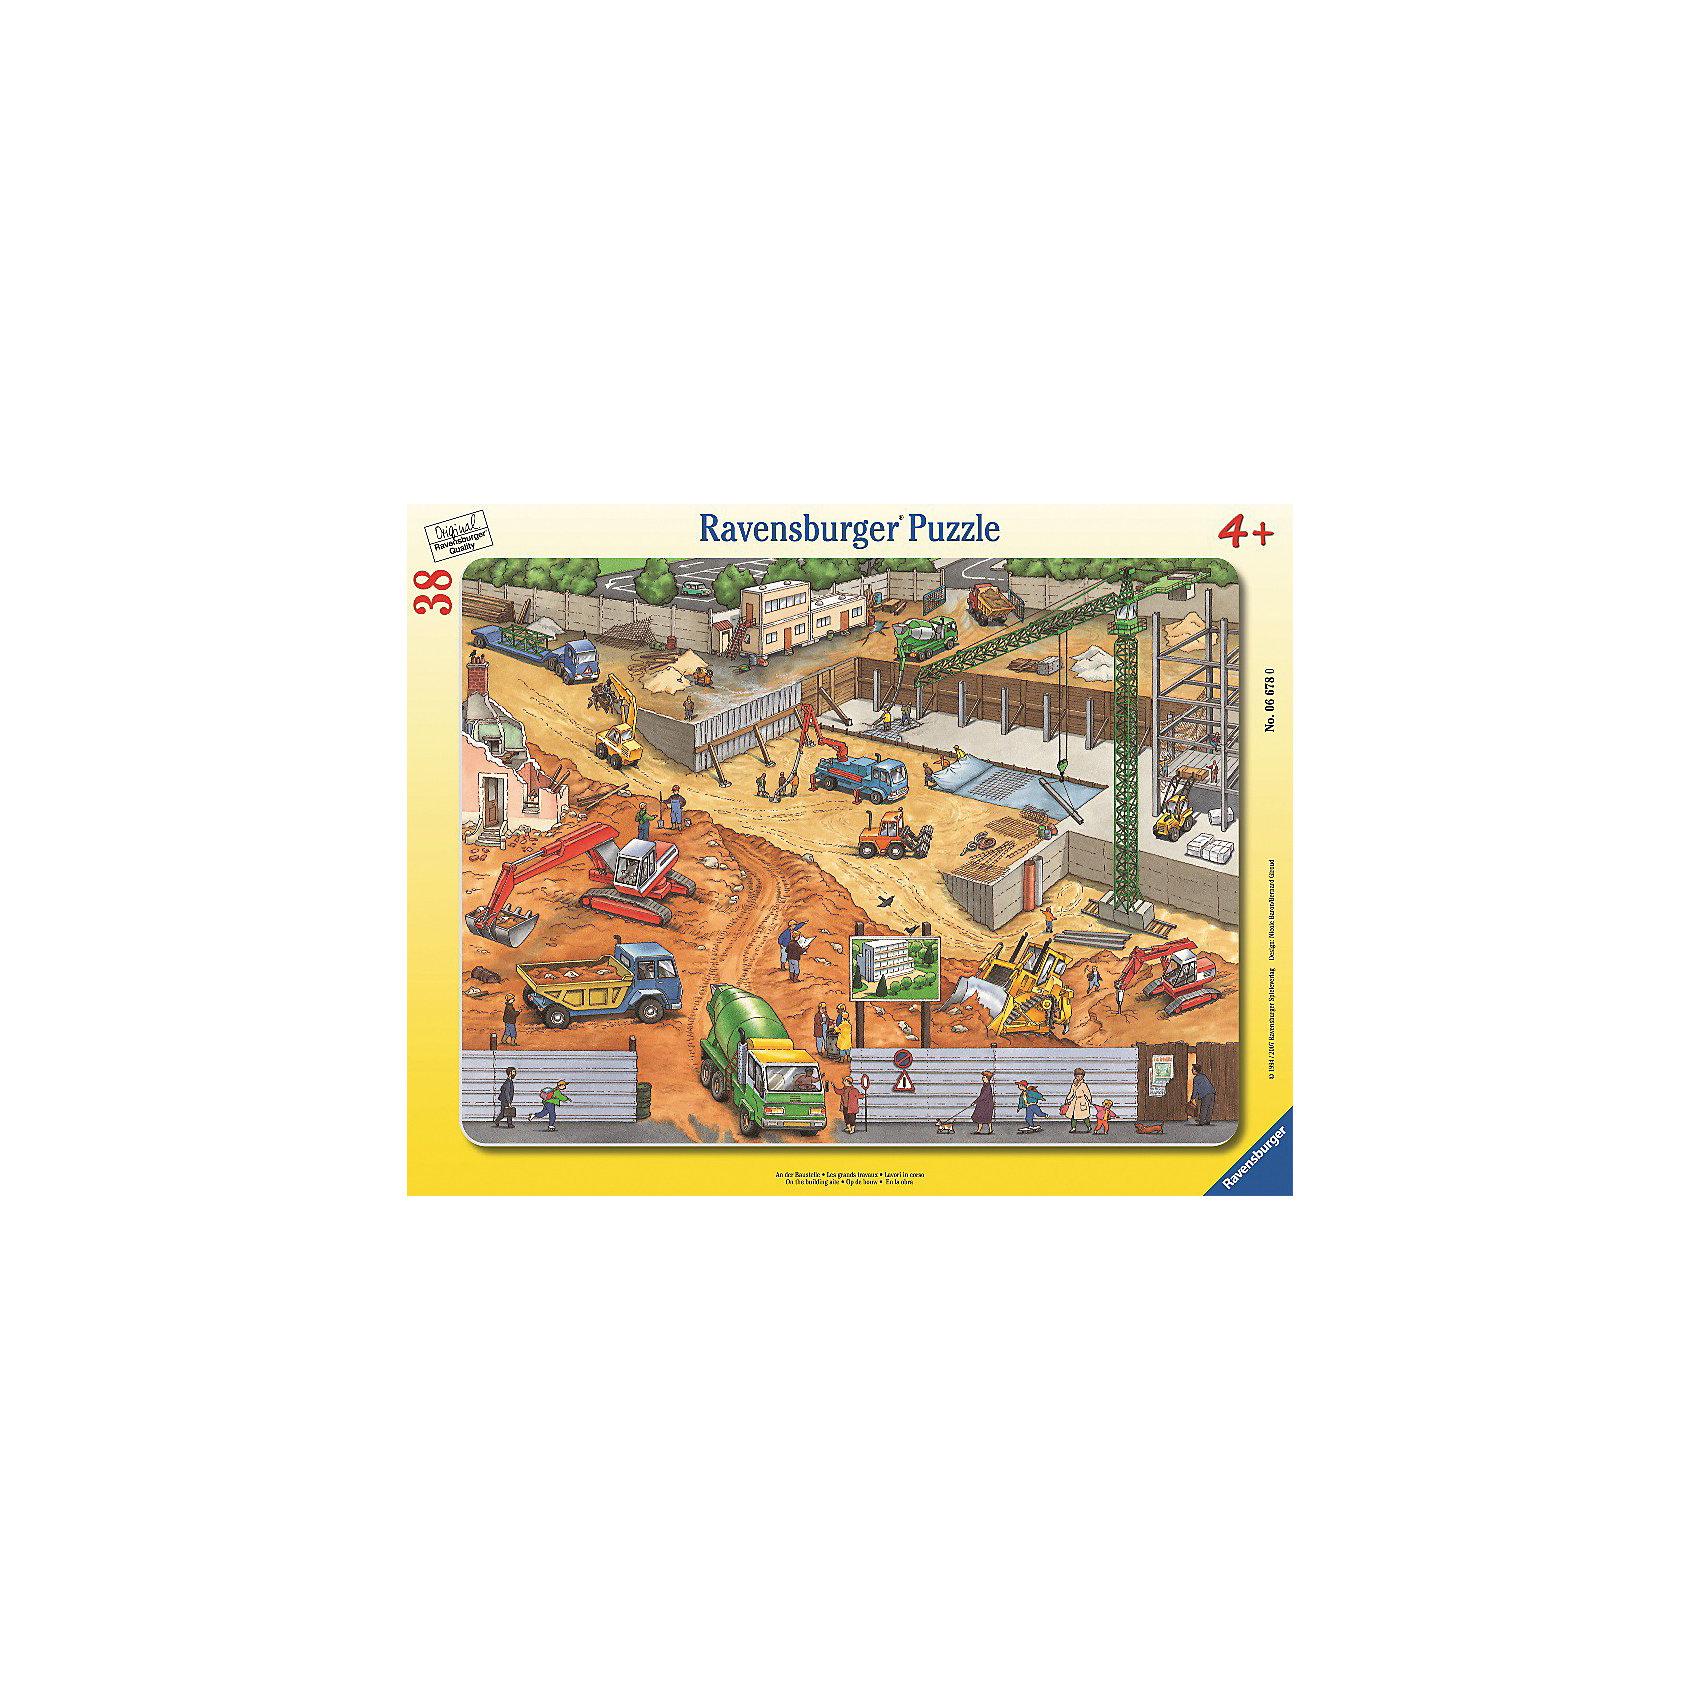 Пазл На строительной площадке Ravensburger, 38 деталейПазлы для малышей<br>Пазл «На стройке», 38 деталей, Ravensburger (Равенсбургер) – это увлекательное и полезное времяпрепровождение для Вашего ребенка!<br>Пазл «На стройке» изображает строительную площадку с самой разнообразной строительной техникой. Здесь и цементовоз, и экскаватор, и подъемный кран, и самосвал. Практически полный комплект строительных машин и механизмов, необходимых на стройке. Пазл дает представление о разных видах строительной техники, их функциях и назначении. Собирая картинку, ребенок развивает логическое мышление, воображение, мелкую моторику и умение принимать самостоятельные решения. Пазлы Ravensburger неповторимы и уникальны тем, что для их изготовления используется картон наивысшего класса, благодаря которому сложенные головоломки не сгибаются, сам картон не отделяется от картинки, а сложенная картинка представляется абсолютно плоской и не деформируется даже спустя время. Прочные детали не ломаются. Каждая деталь имеет свою форму и подходит только на своё место. Матовая поверхность исключает неприятные отблески. Изготовлено из экологического сырья.<br><br>Дополнительная информация:<br><br>- Количество деталей: 38<br>- Размер картинки: 29 x 37 см.<br>- Материал: прочный картон<br>- Размер коробки: 38 x 5 х 30 см.<br><br>Пазл «На стройке», 38 деталей, Ravensburger (Равенсбургер) можно купить в нашем интернет-магазине.<br><br>Ширина мм: 380<br>Глубина мм: 300<br>Высота мм: 5<br>Вес г: 318<br>Возраст от месяцев: 48<br>Возраст до месяцев: 72<br>Пол: Мужской<br>Возраст: Детский<br>Количество деталей: 38<br>SKU: 1030642